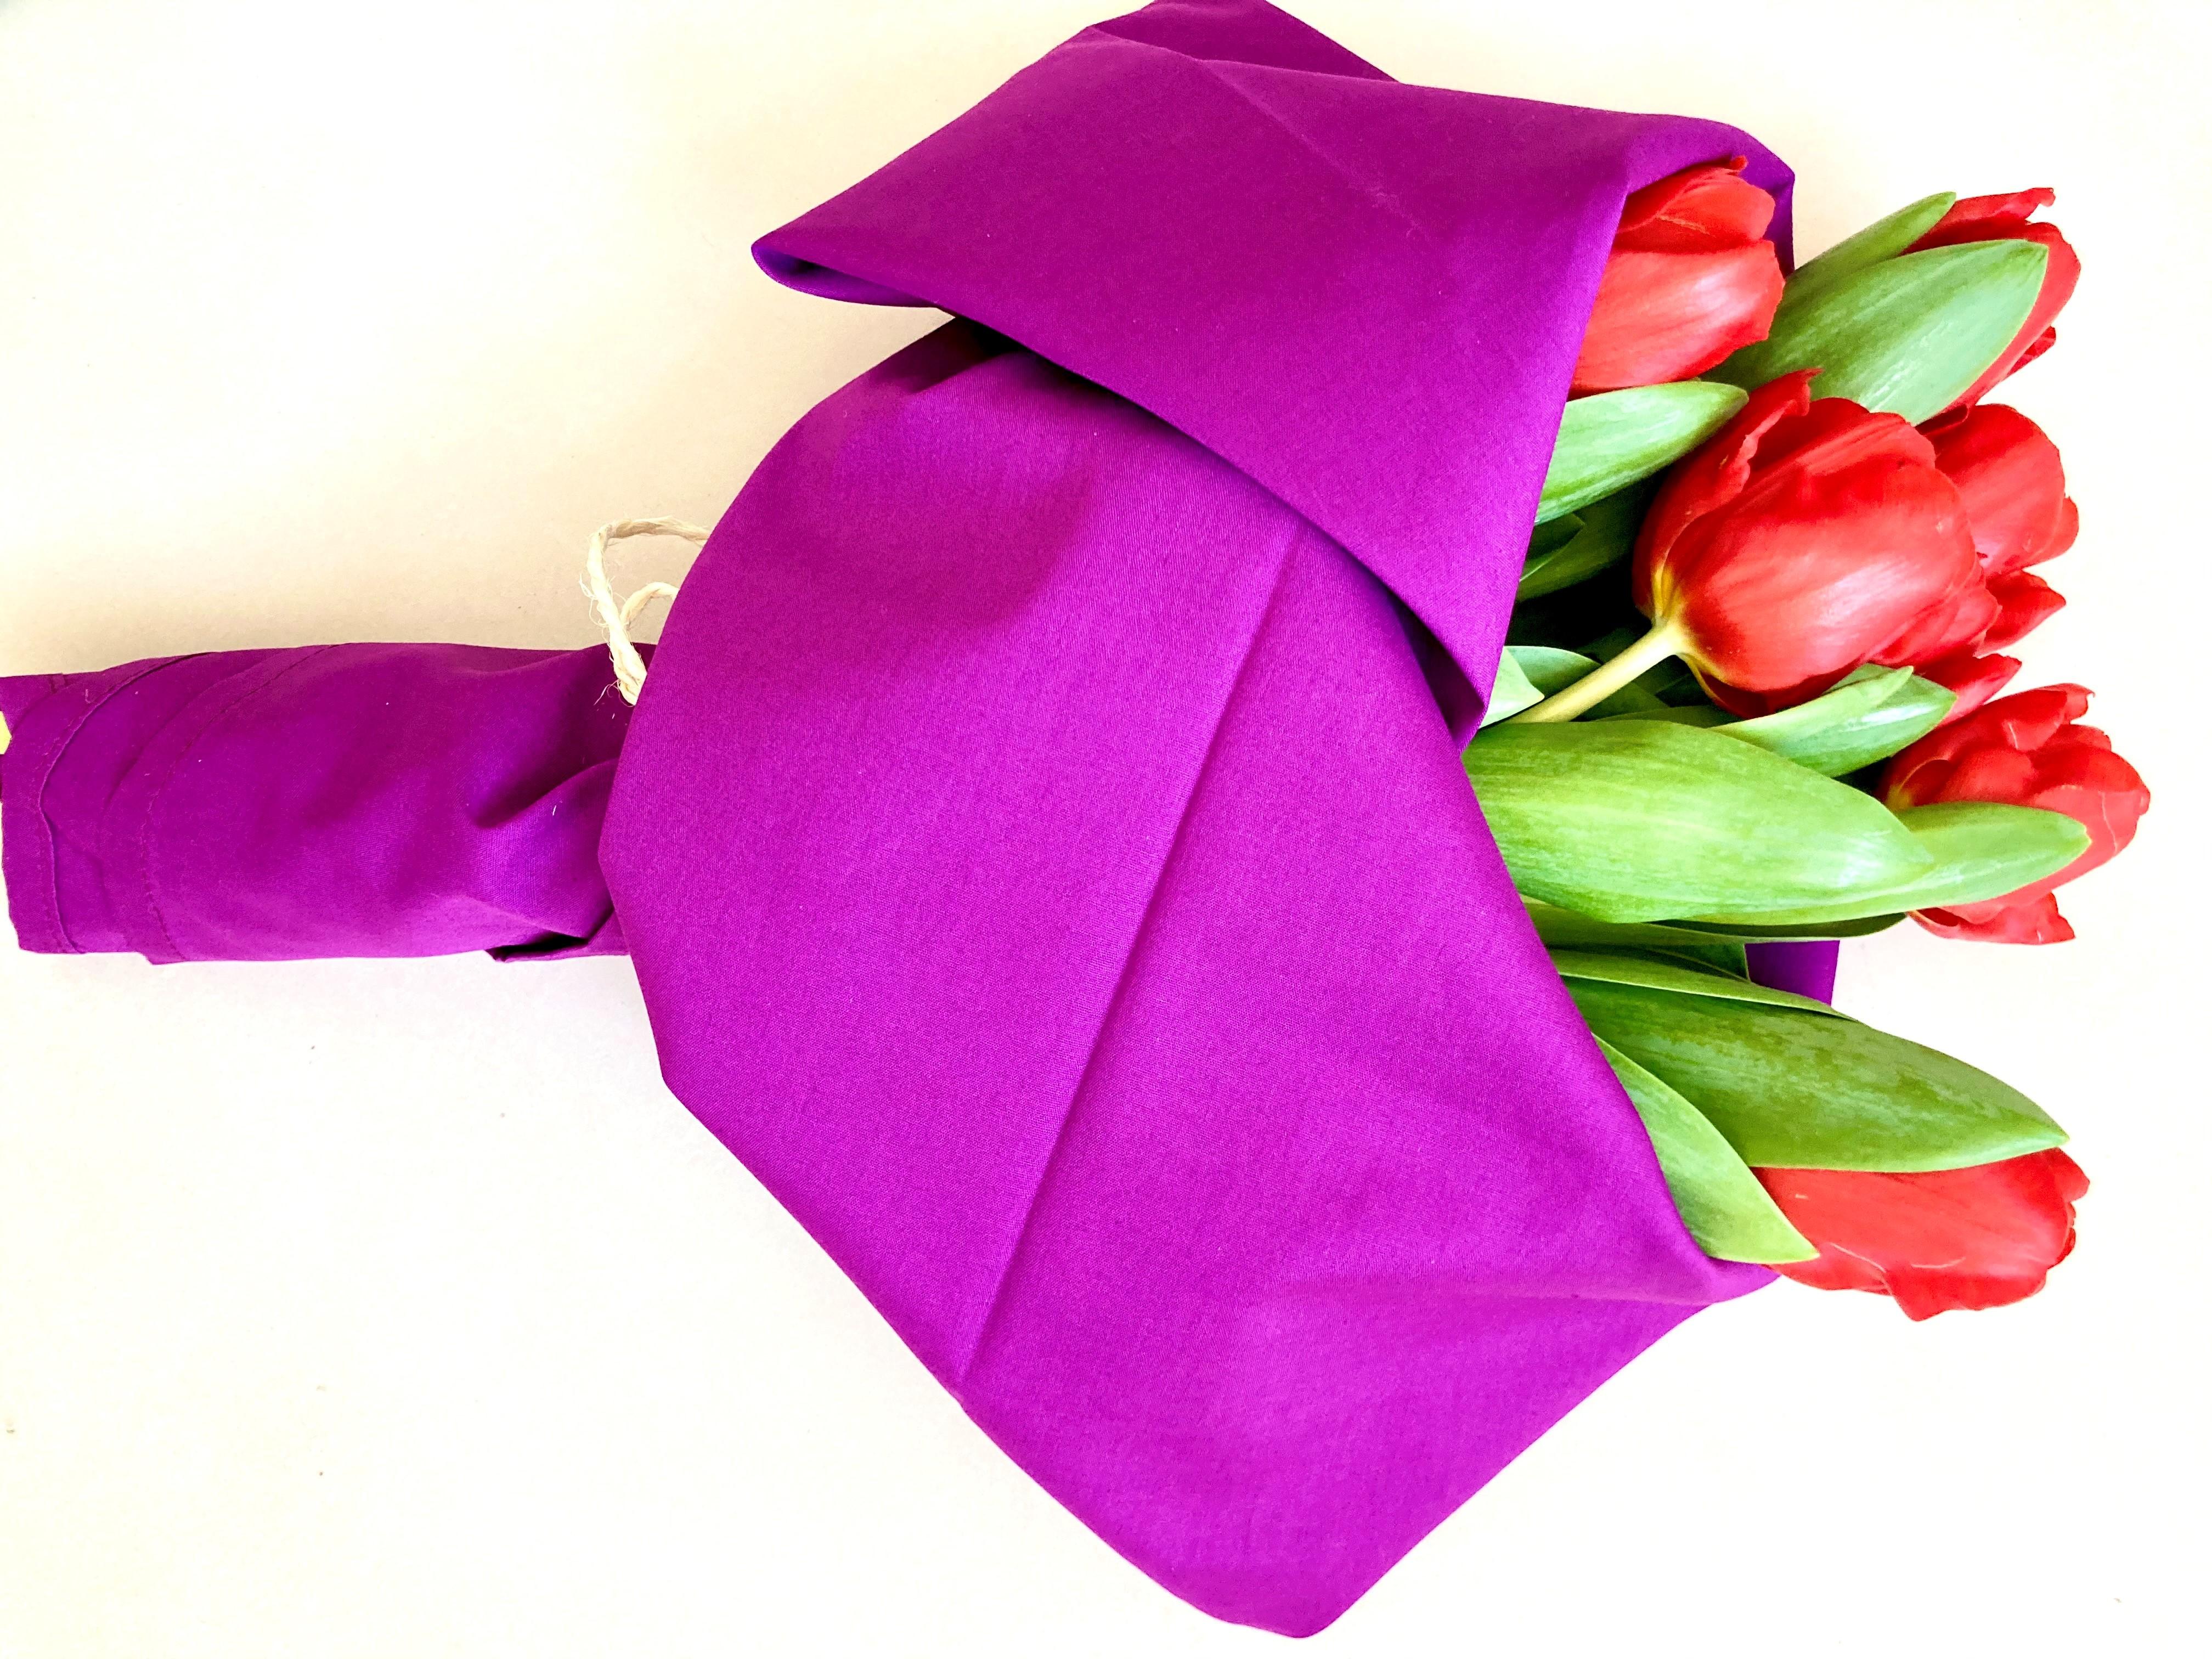 Einfach Violett ist nett (viele Größen)